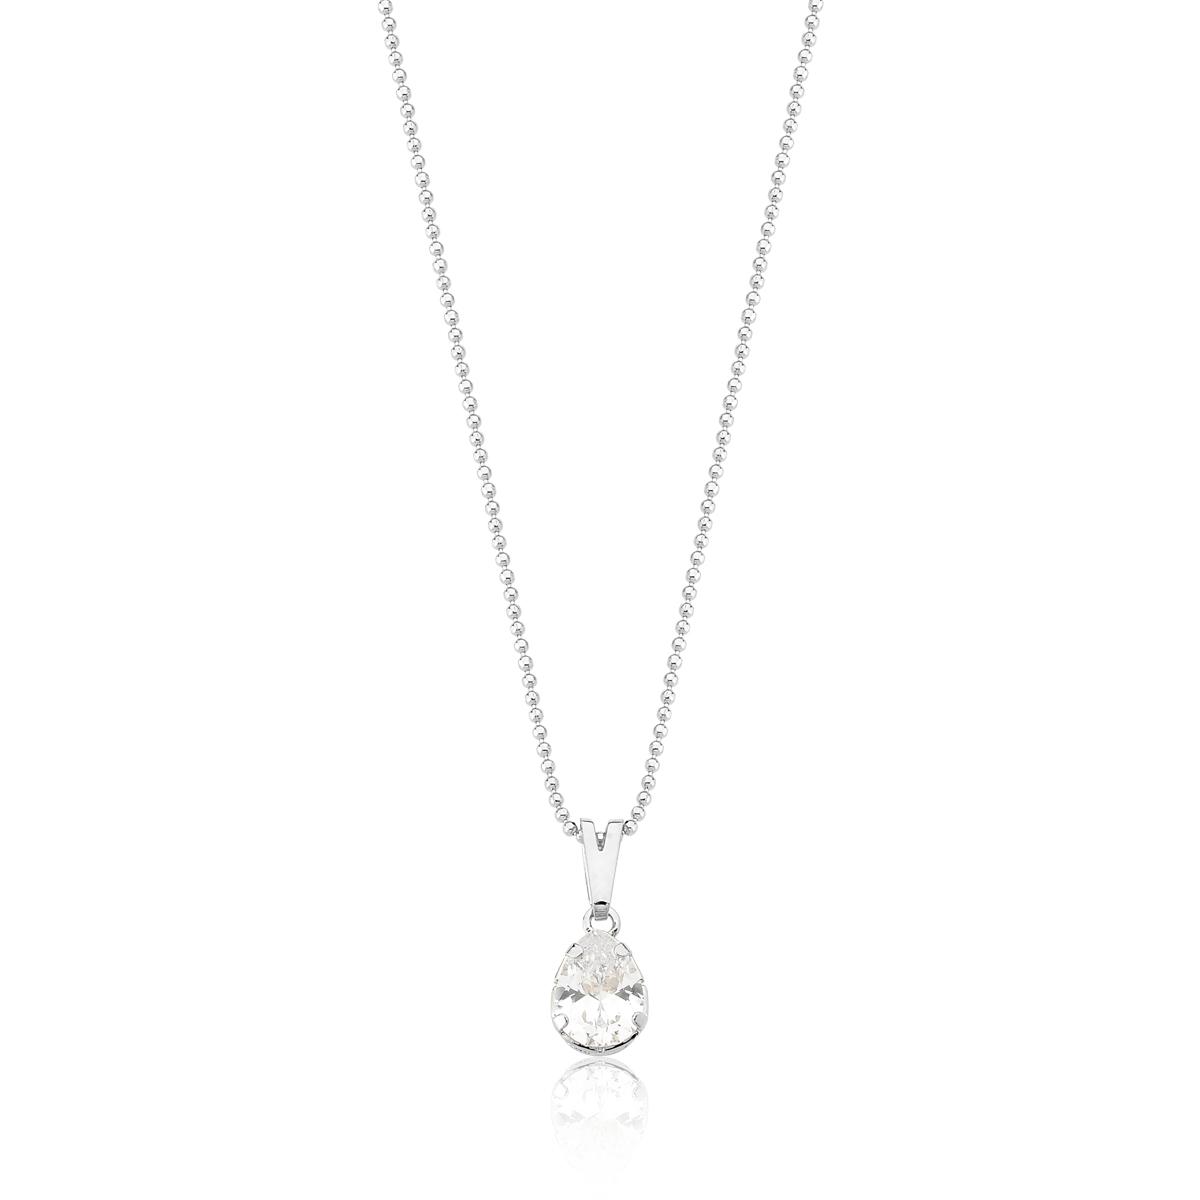 Colar Drop Crystal Revestido em Prata